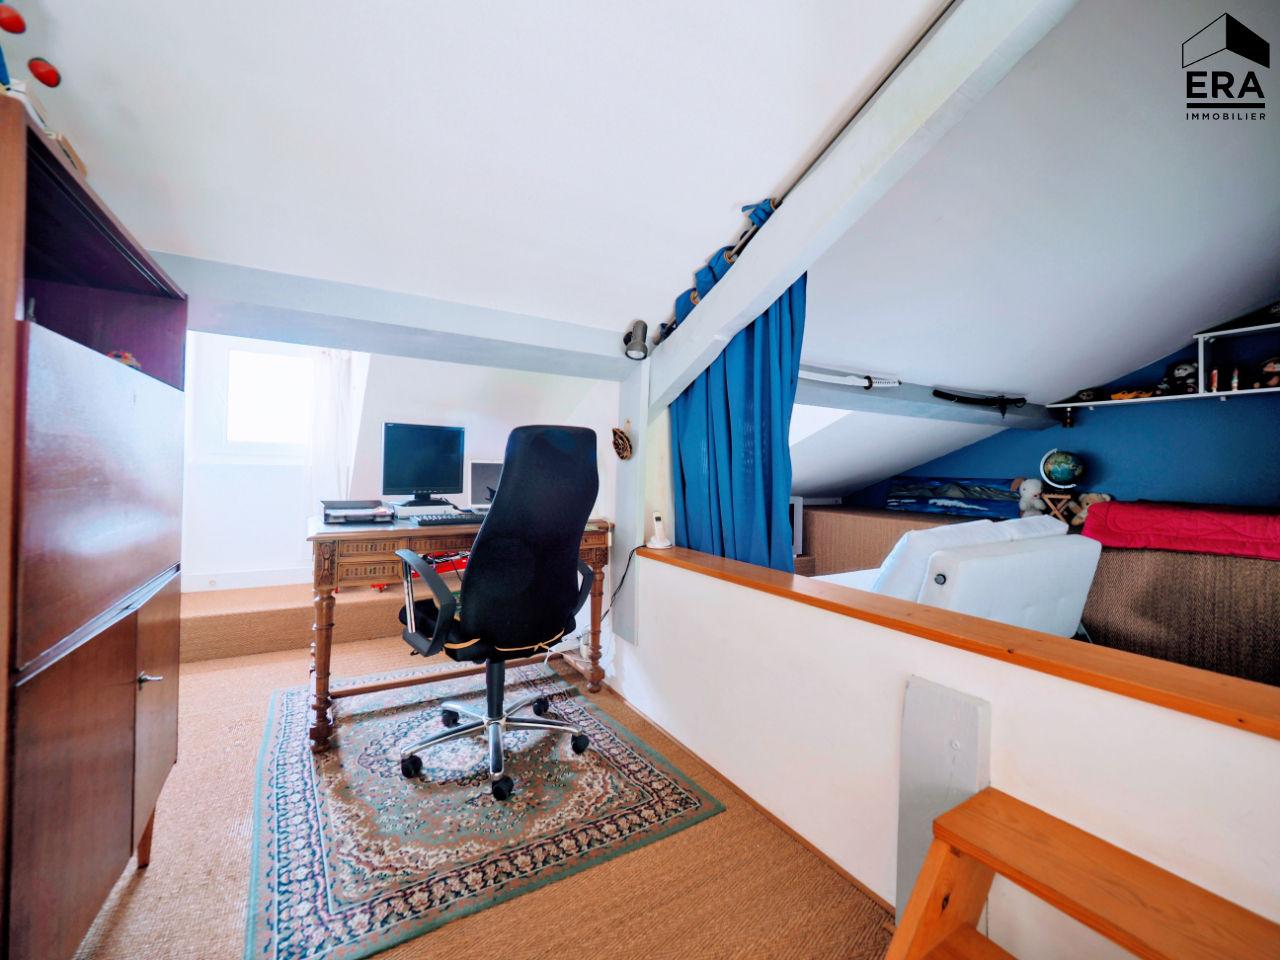 Vente appartement T3  à CIBOURE - 8